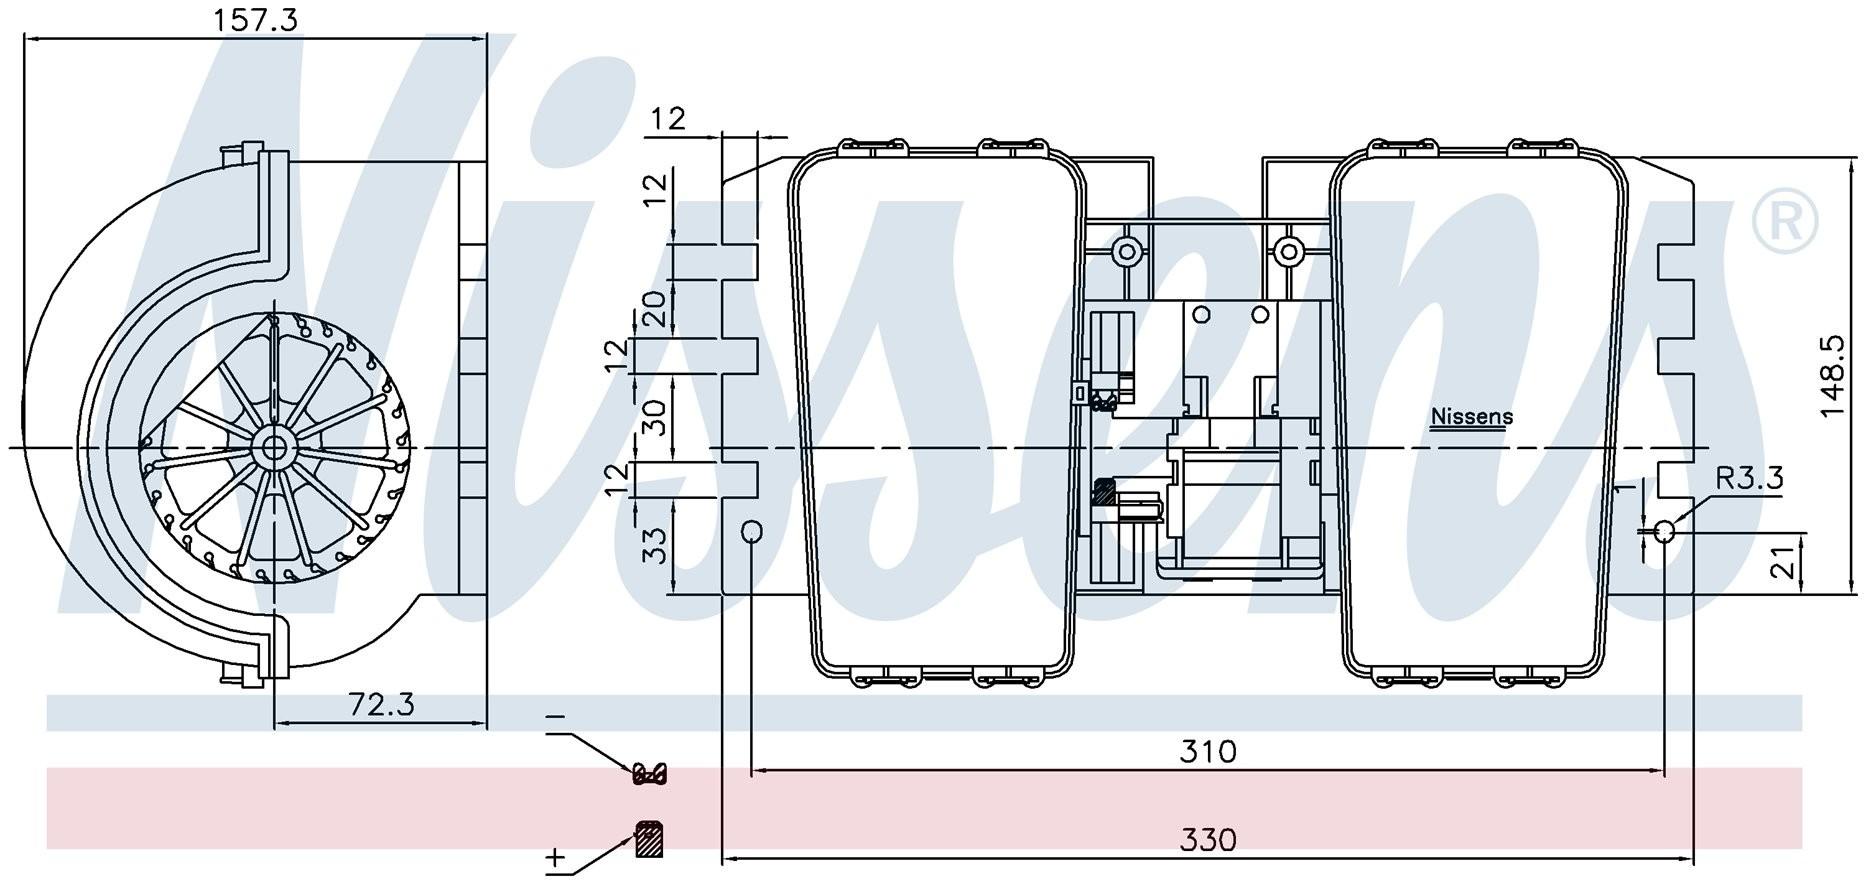 Вентилятор печки DAF 85CF (Nissens) photo